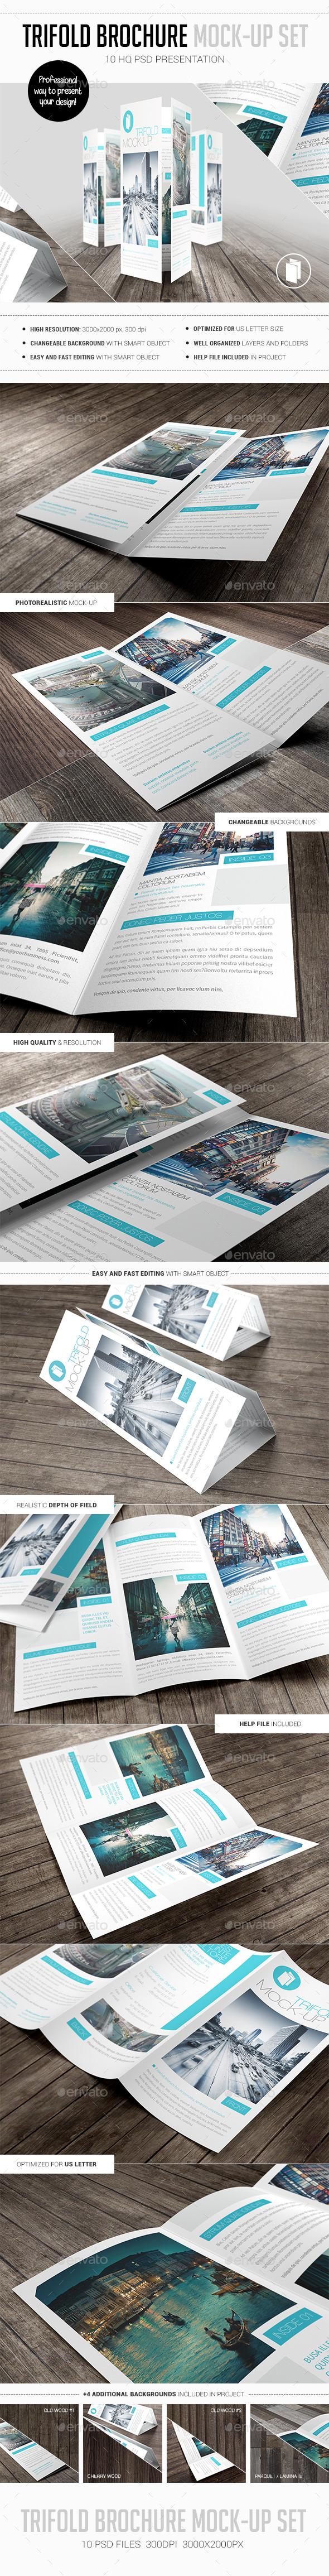 Trifold Brochure Mock-Up Set - Brochures Print